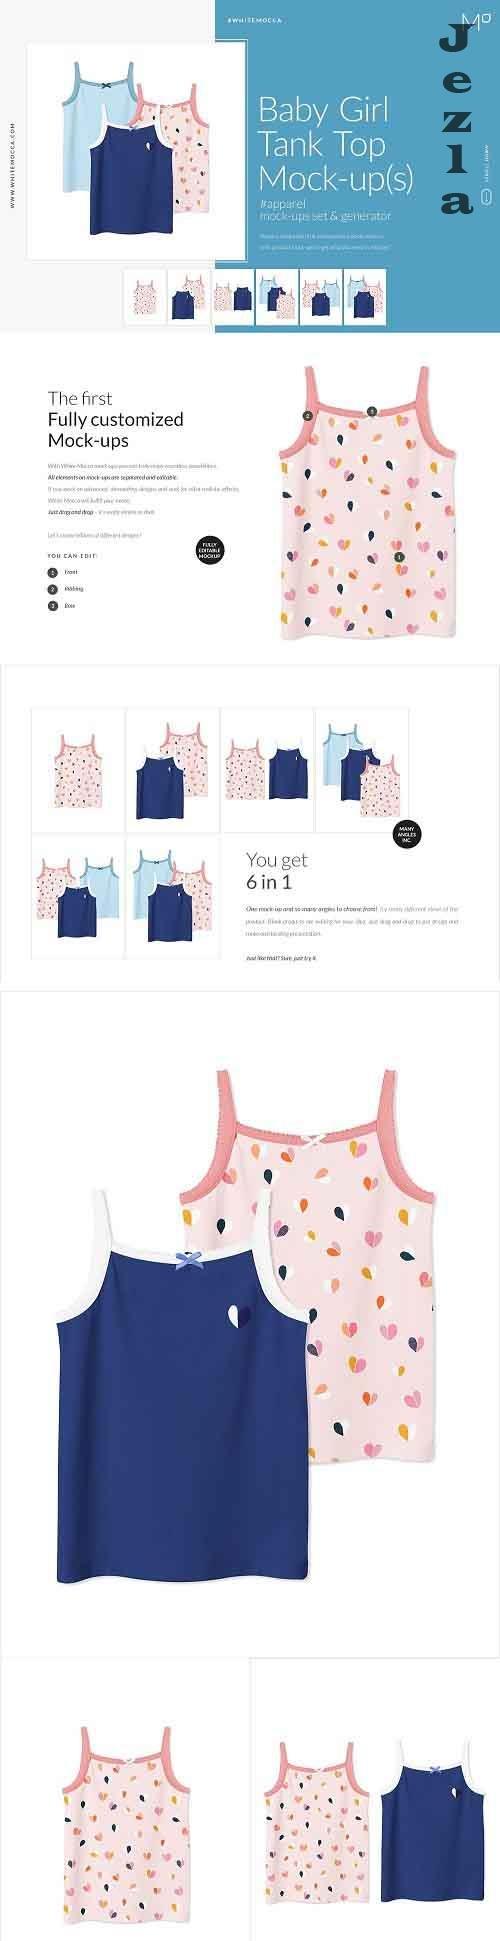 Baby Girl Tank Top Bikini Mock-ups 4543475